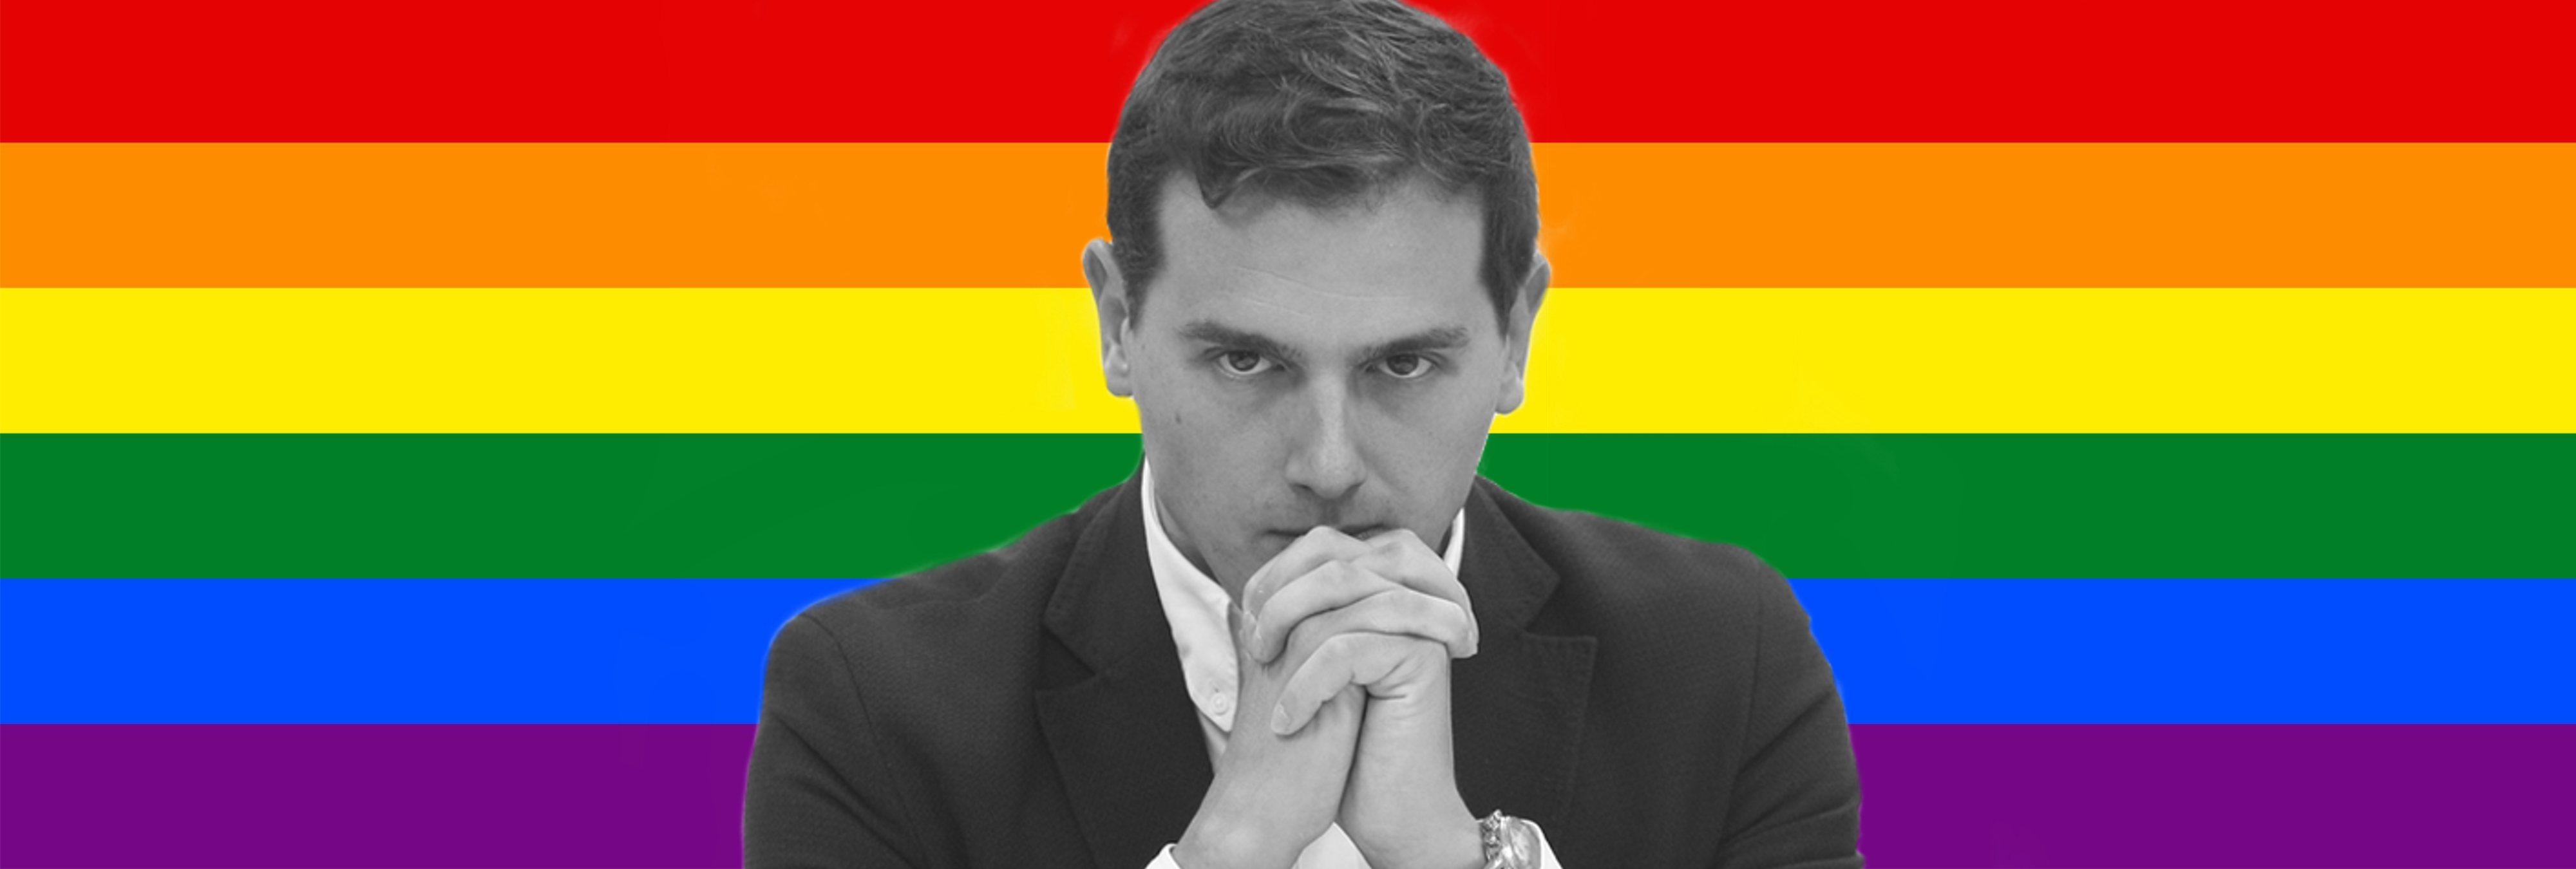 El drama de Ciudadanos con el Orgullo LGTBI: la vergonzosa hipocresía del partido naranja